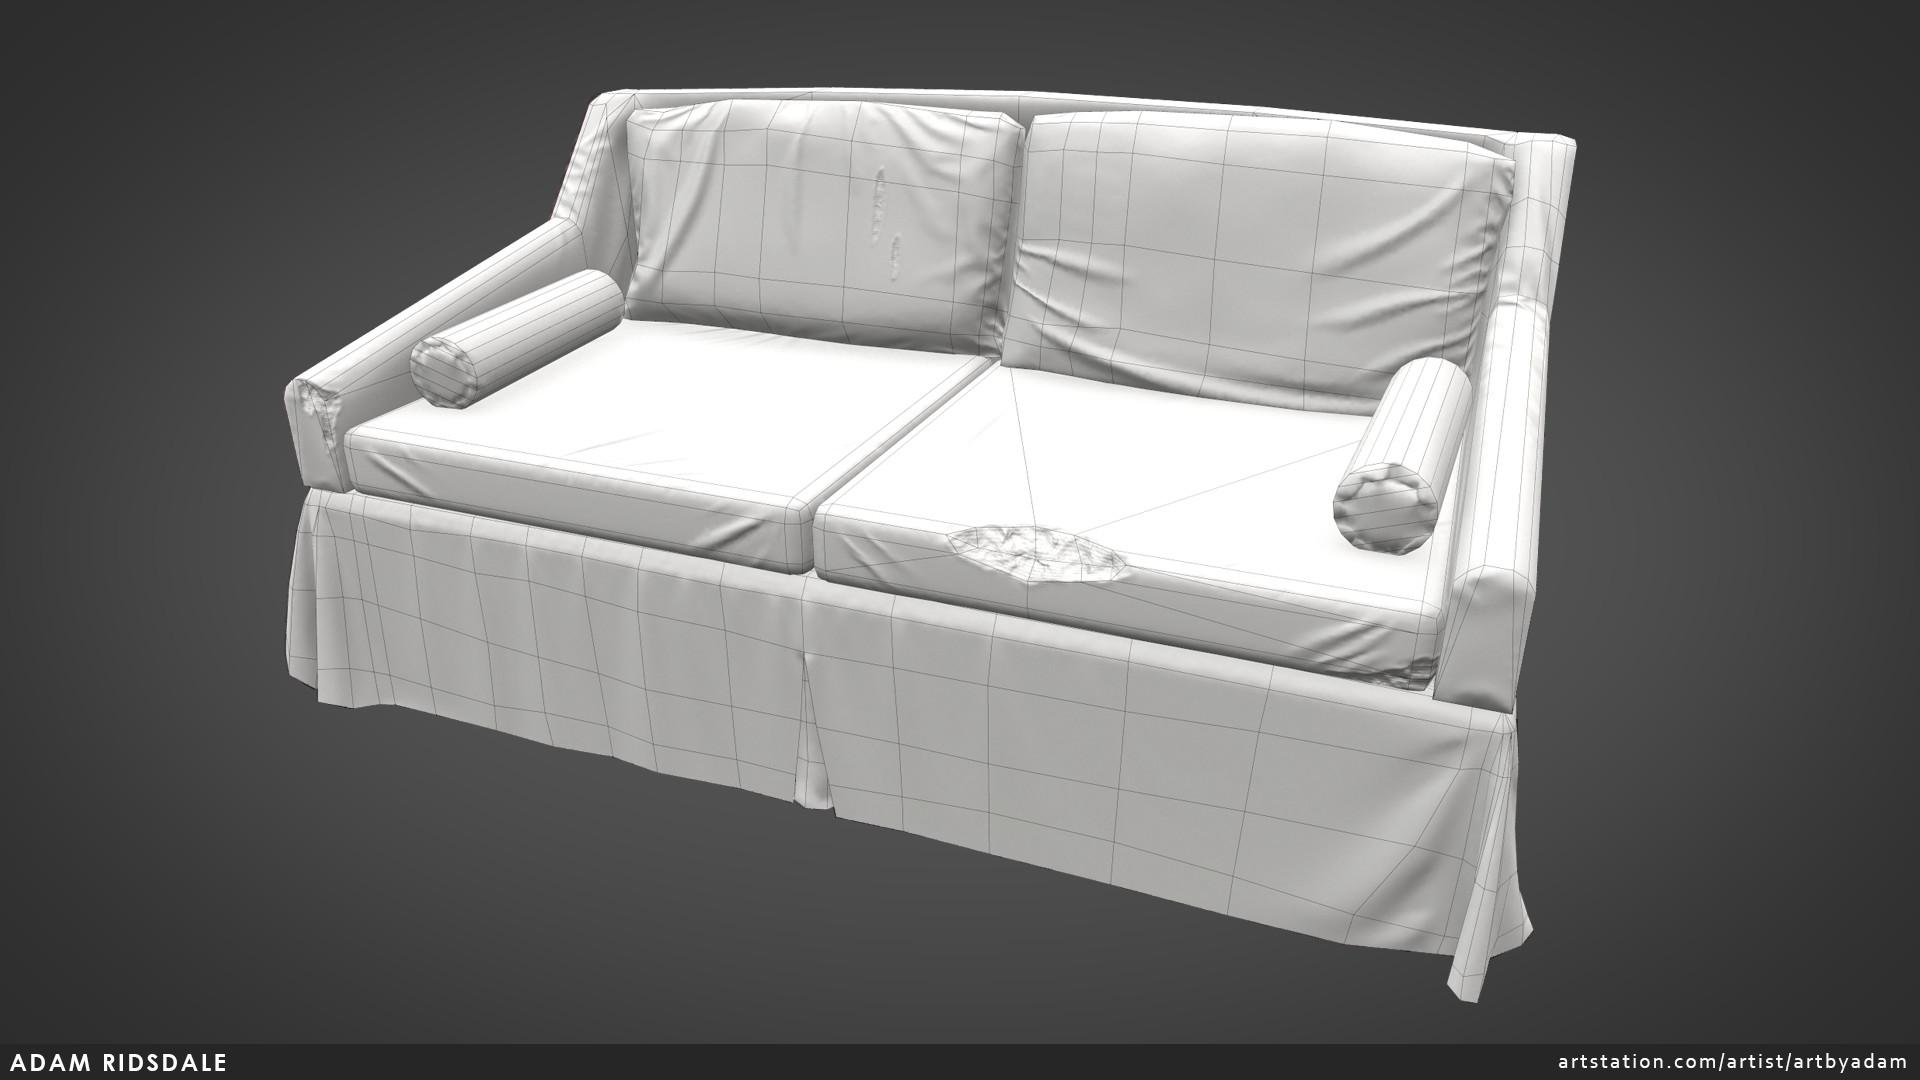 Adam ridsdale sofa02